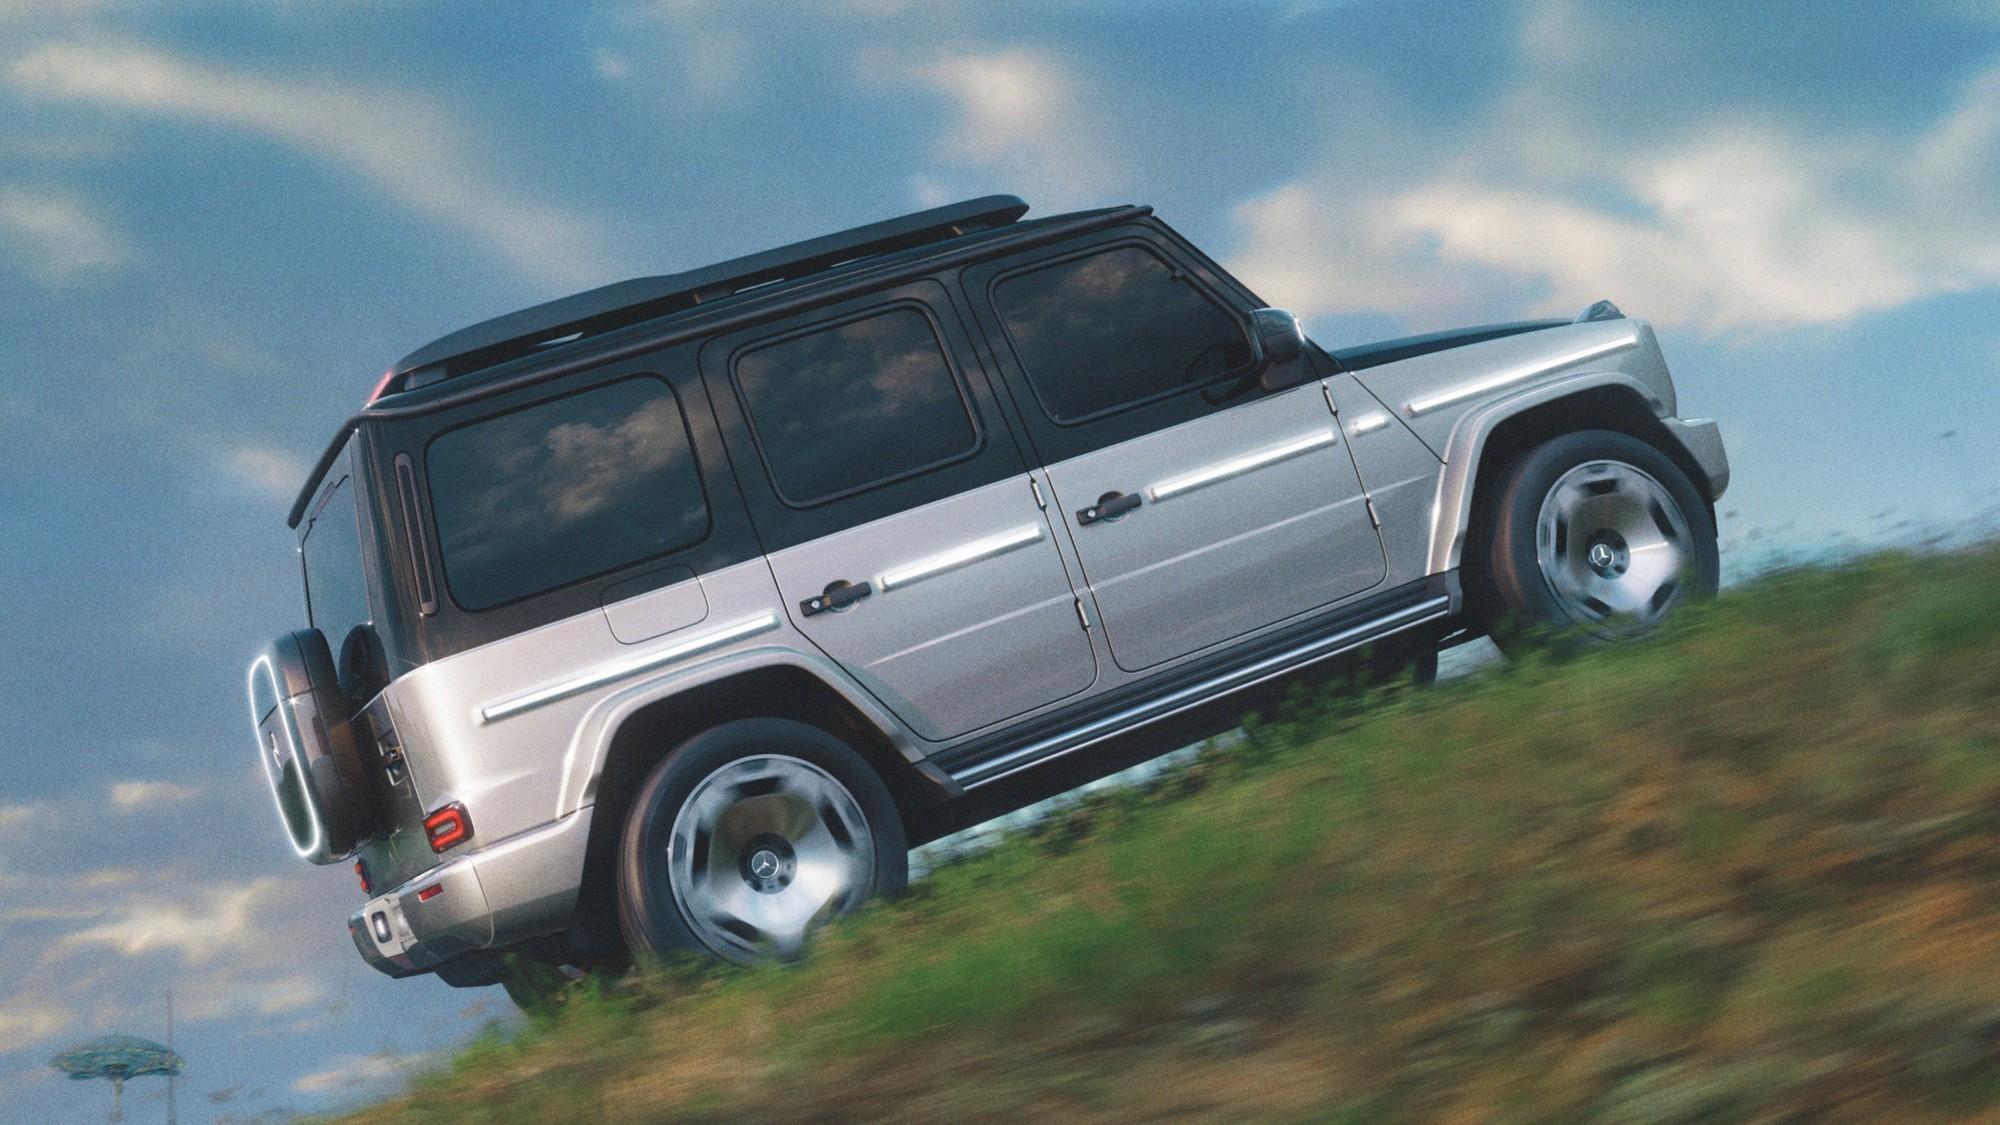 Mercedes-Benz EQG: четыре электромотора, батарея в раме и ящик вместо запаски